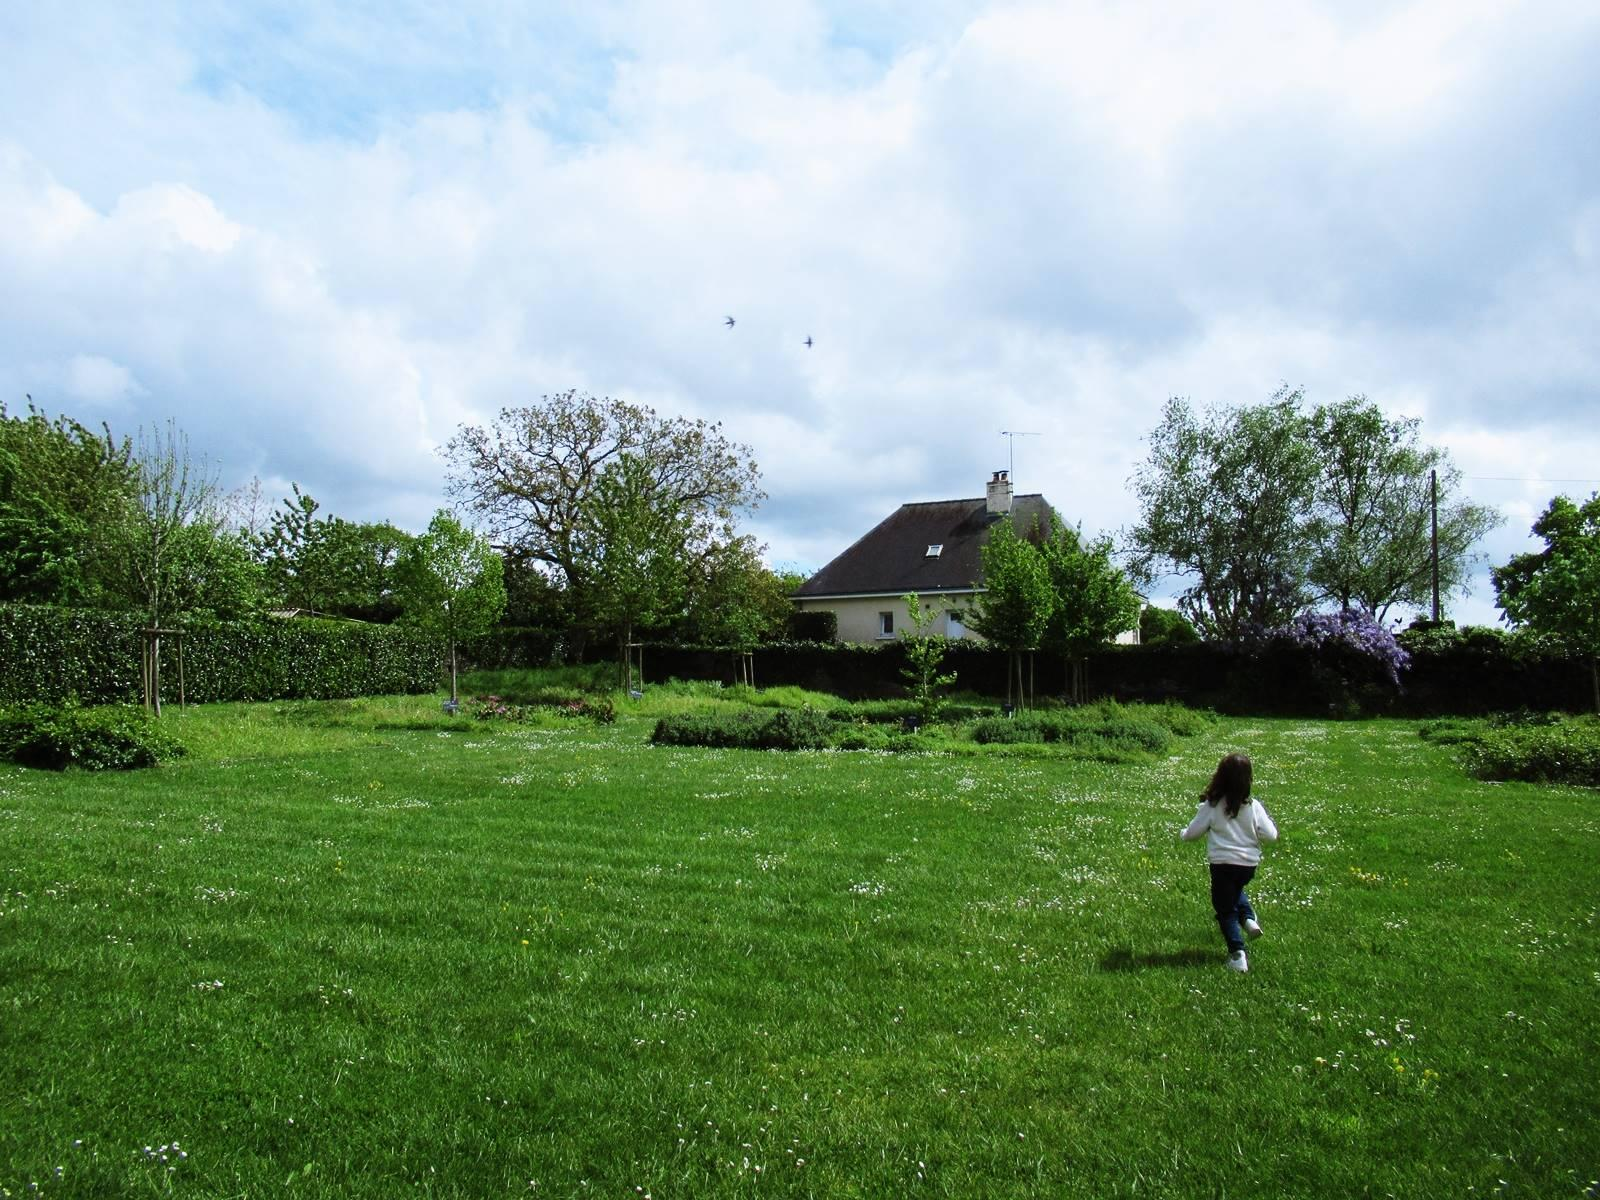 Arboretum sophie trebuchet 1